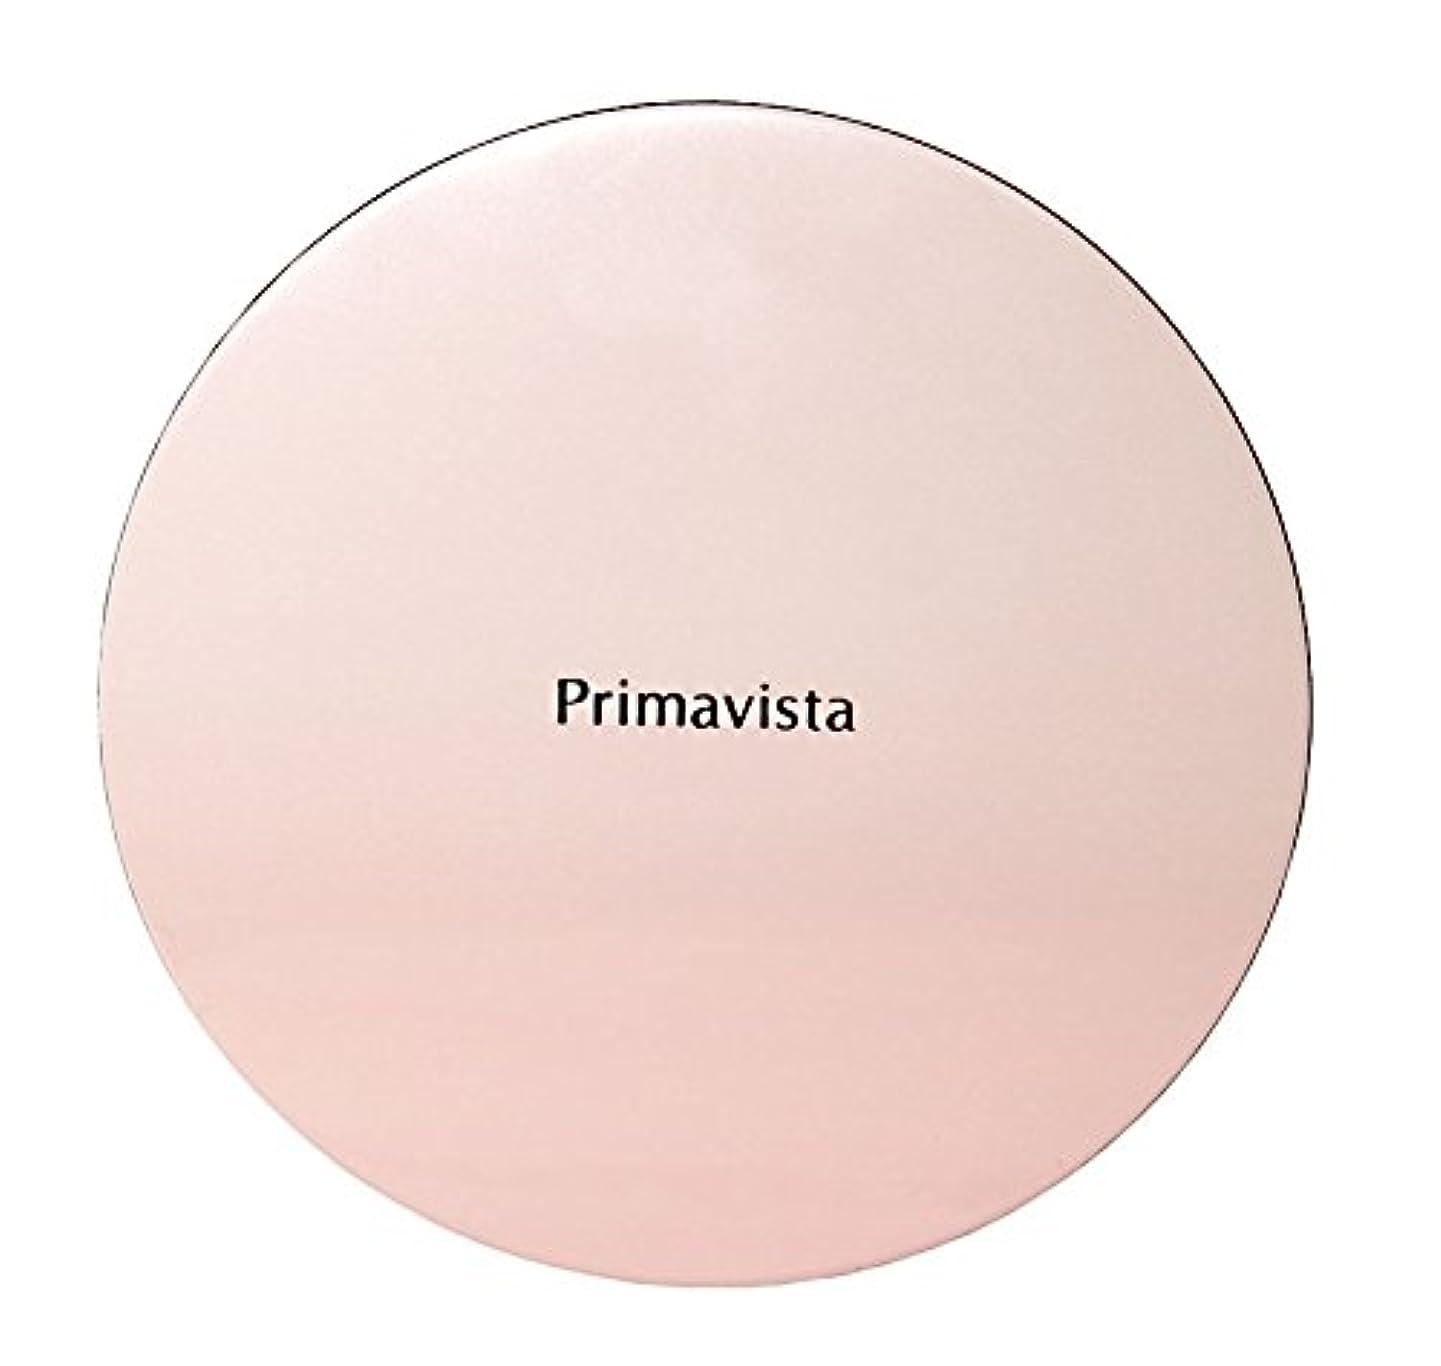 プリマヴィスタ クリーミィコンパクトファンデーションケース